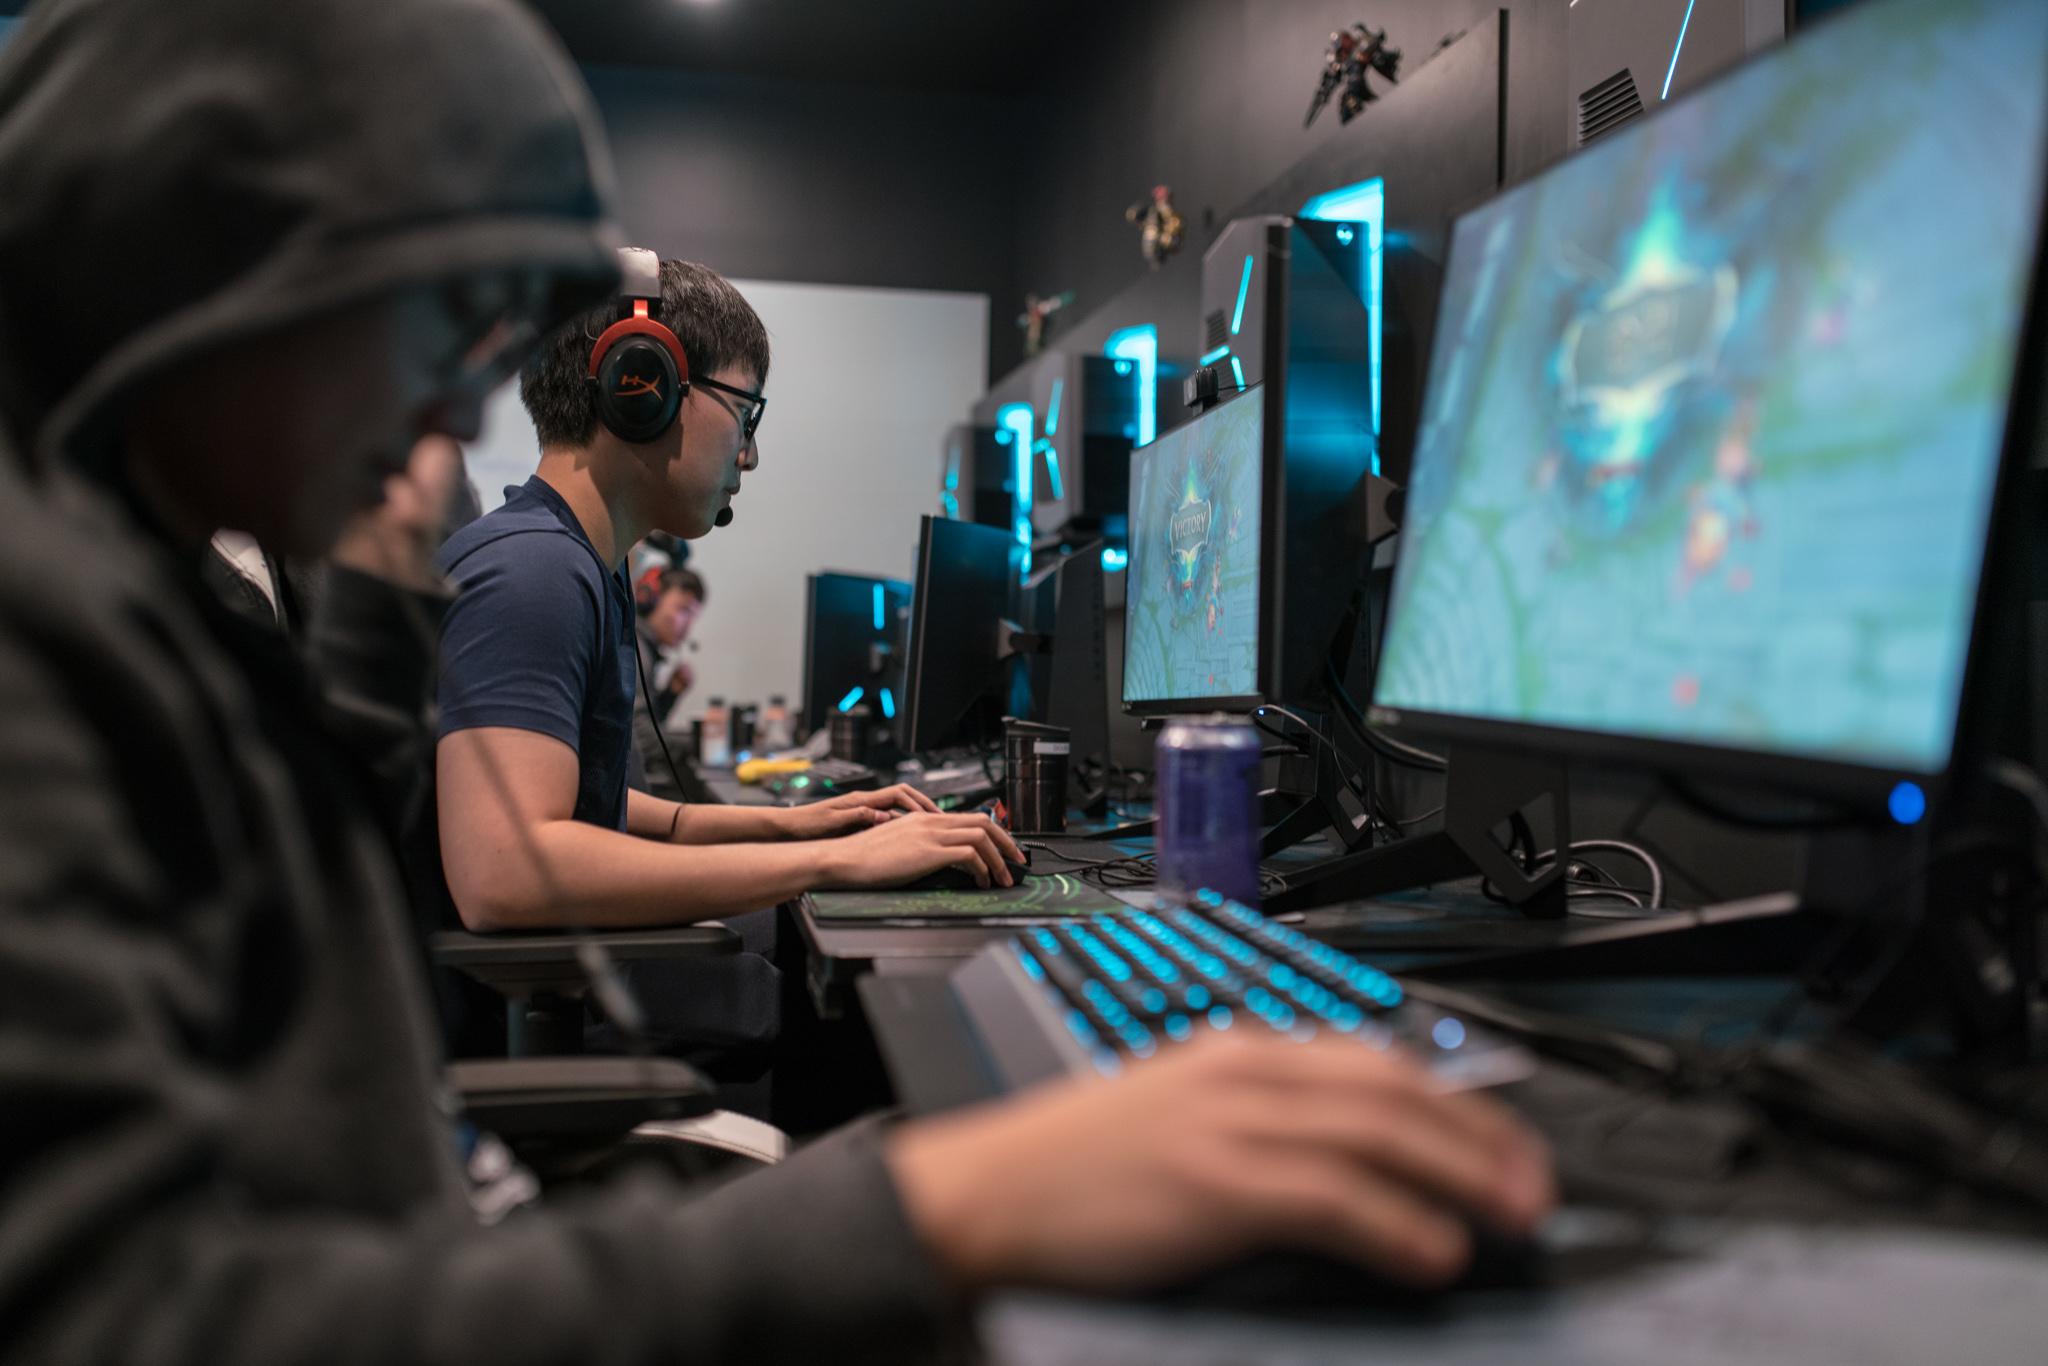 Смотреть про компьютеры и компьютерные игры онлайн